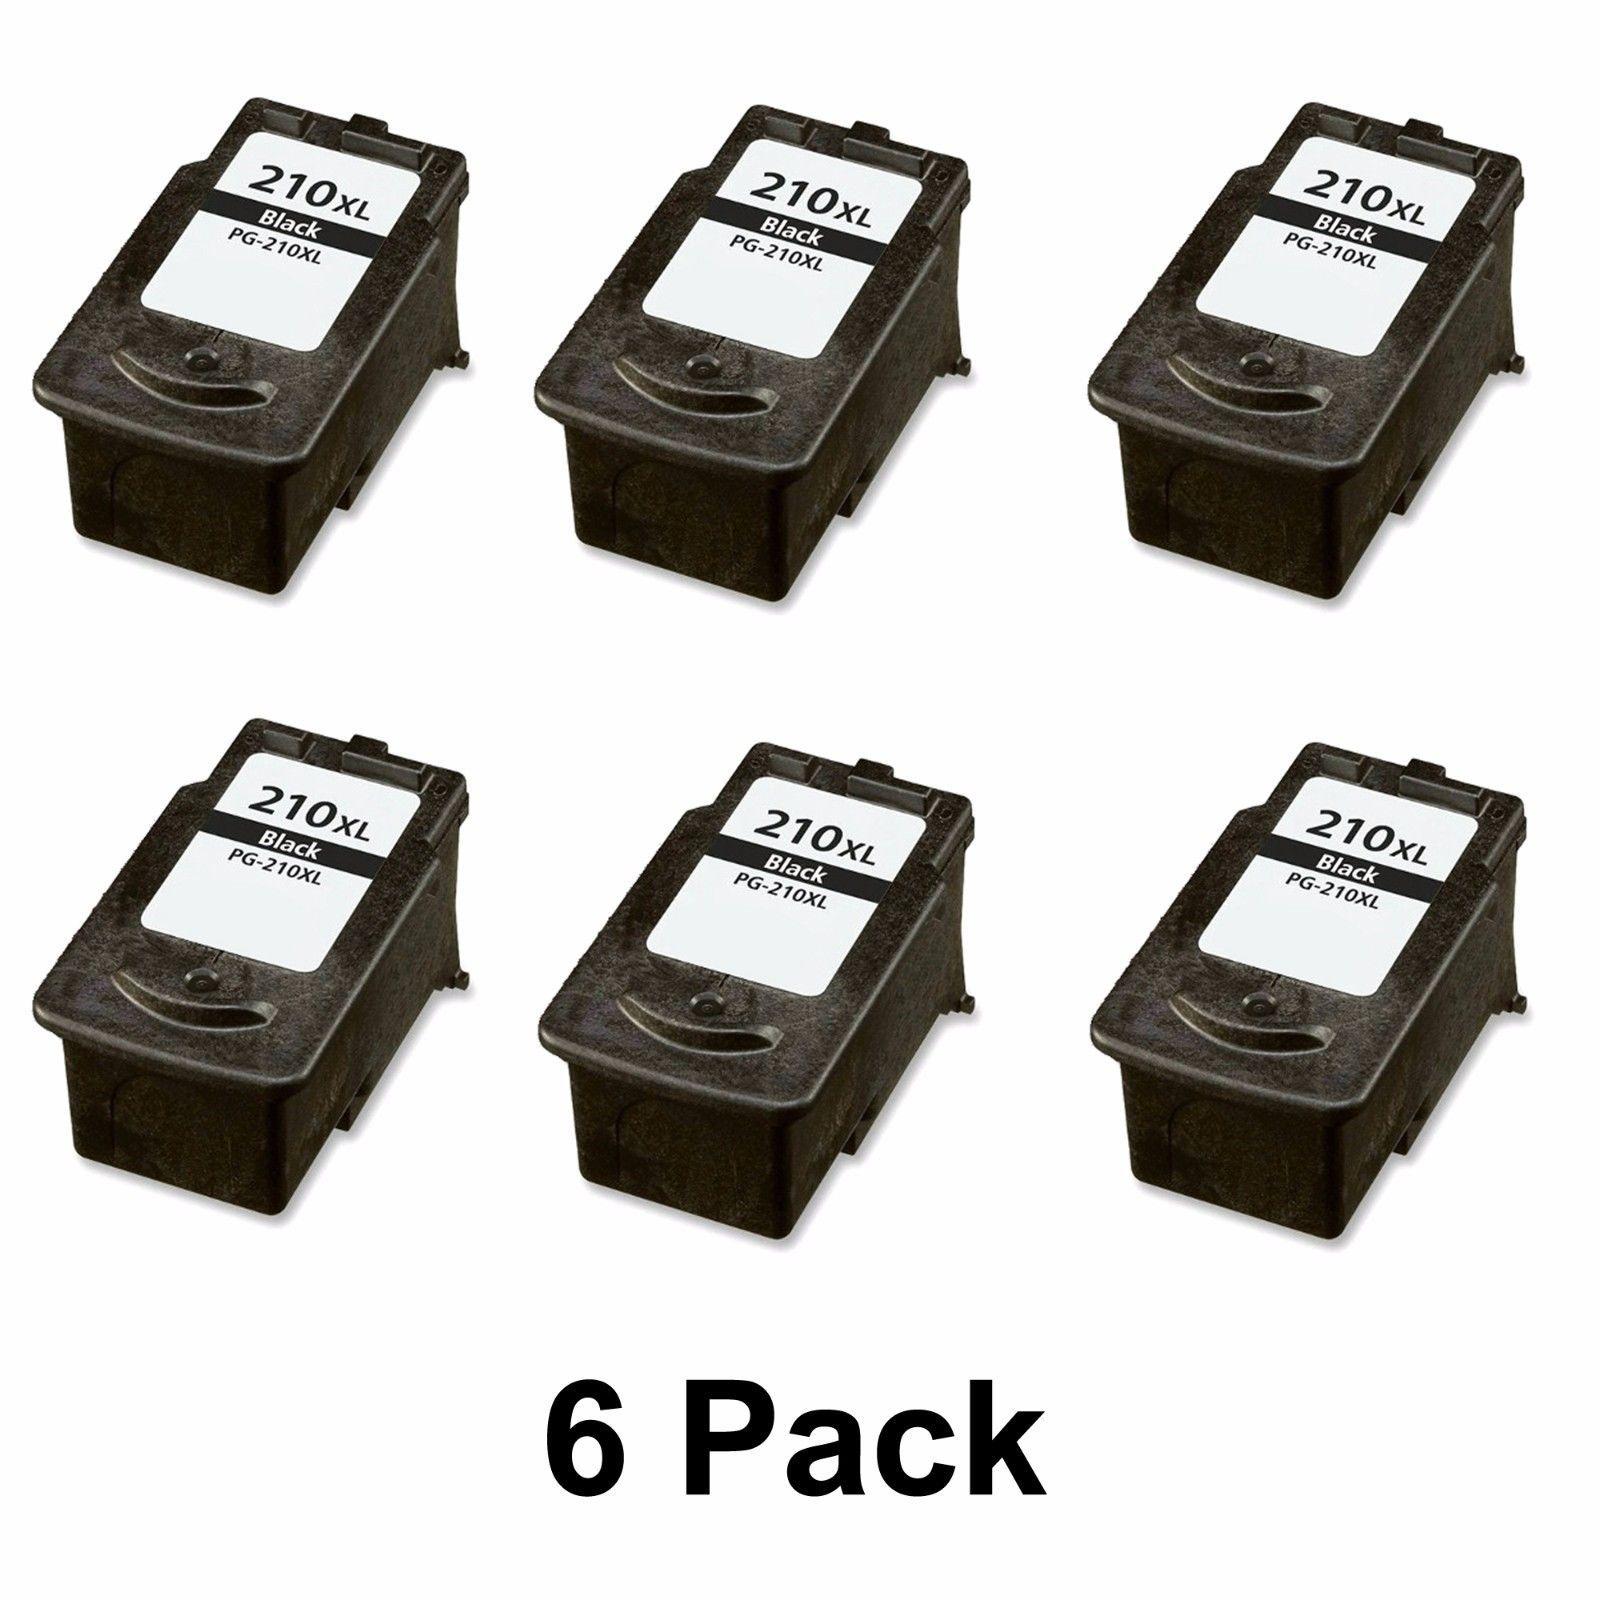 6 Canon PIXMA MX420 MX410 MX360 MX350 MX340 MX330 Ink Cartridge 2973B001 PG210XL